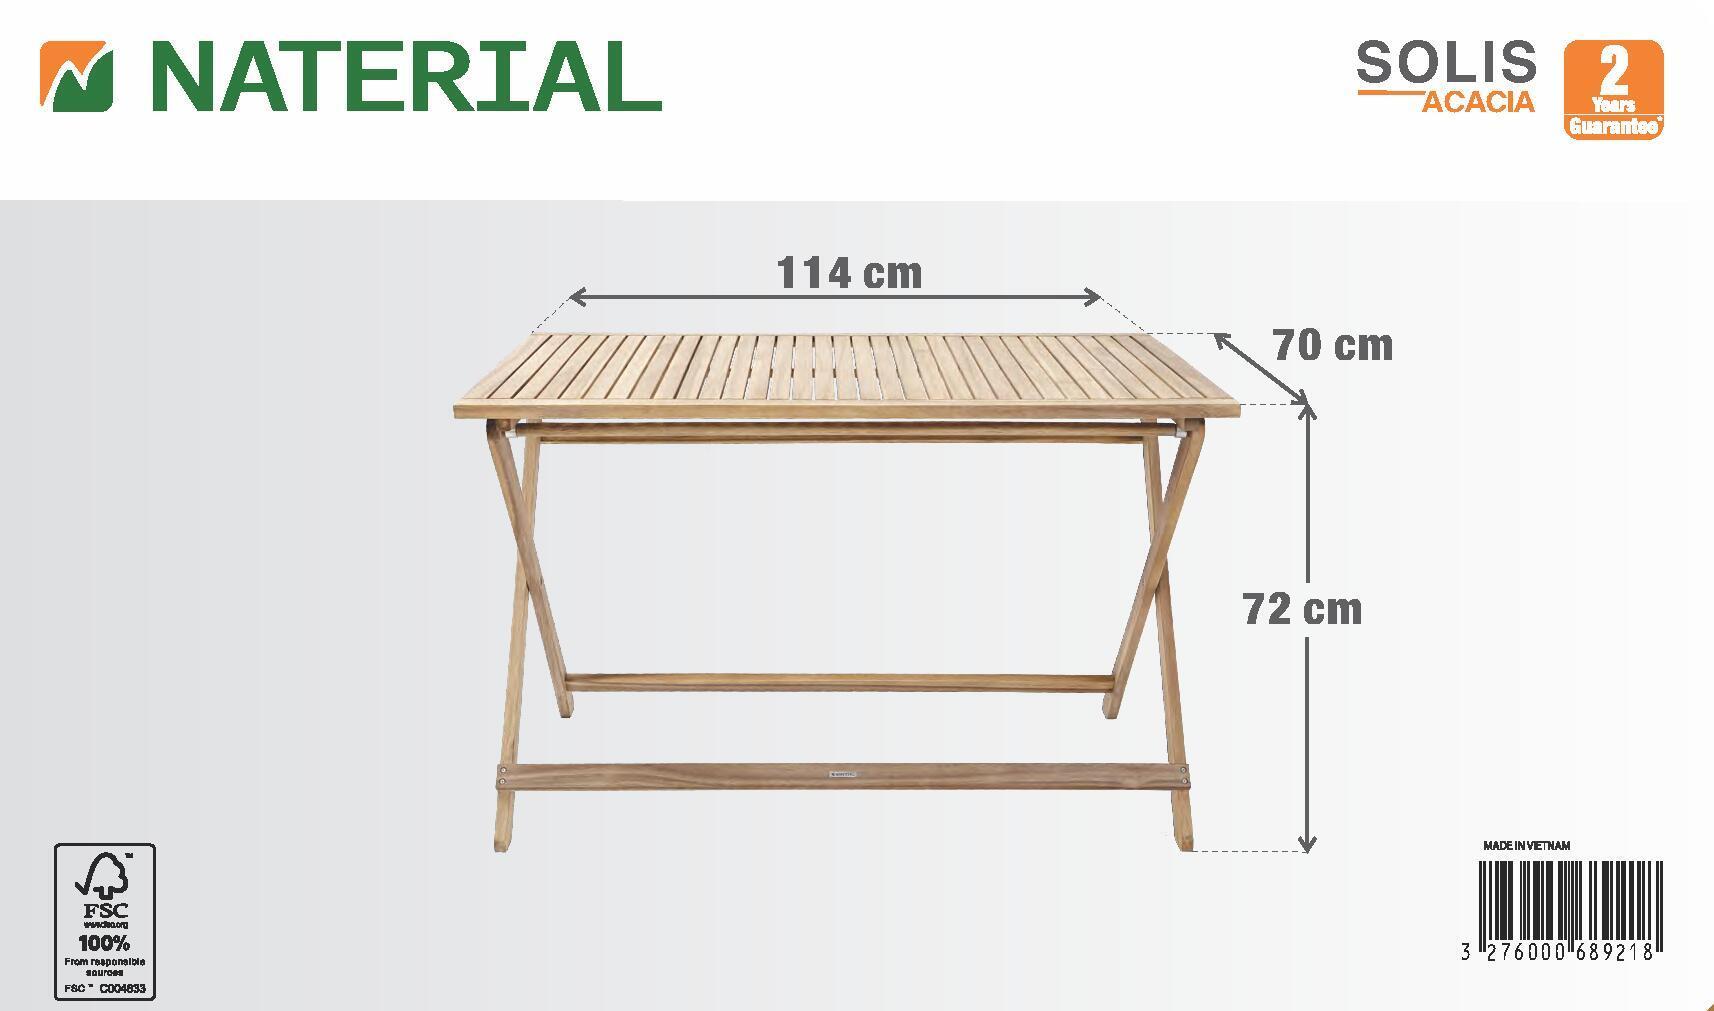 Tavolo da giardino rettangolare Solis NATERIAL con piano in legno L 70 x P 114 cm - 8